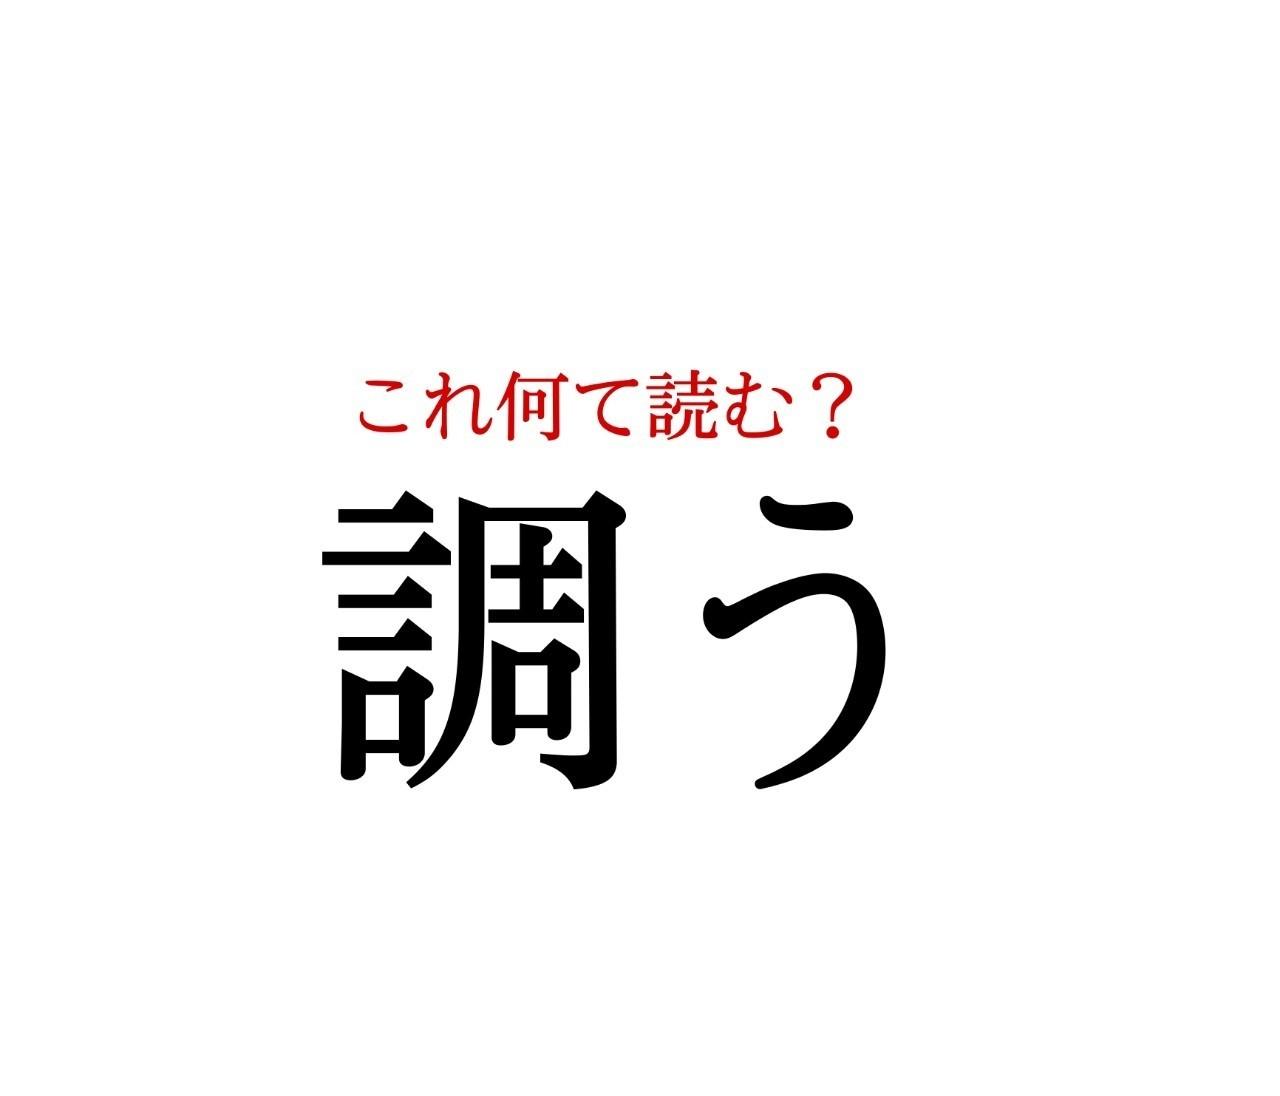 「調う」:この漢字、自信を持って読めますか?【働く大人の漢字クイズvol.265】